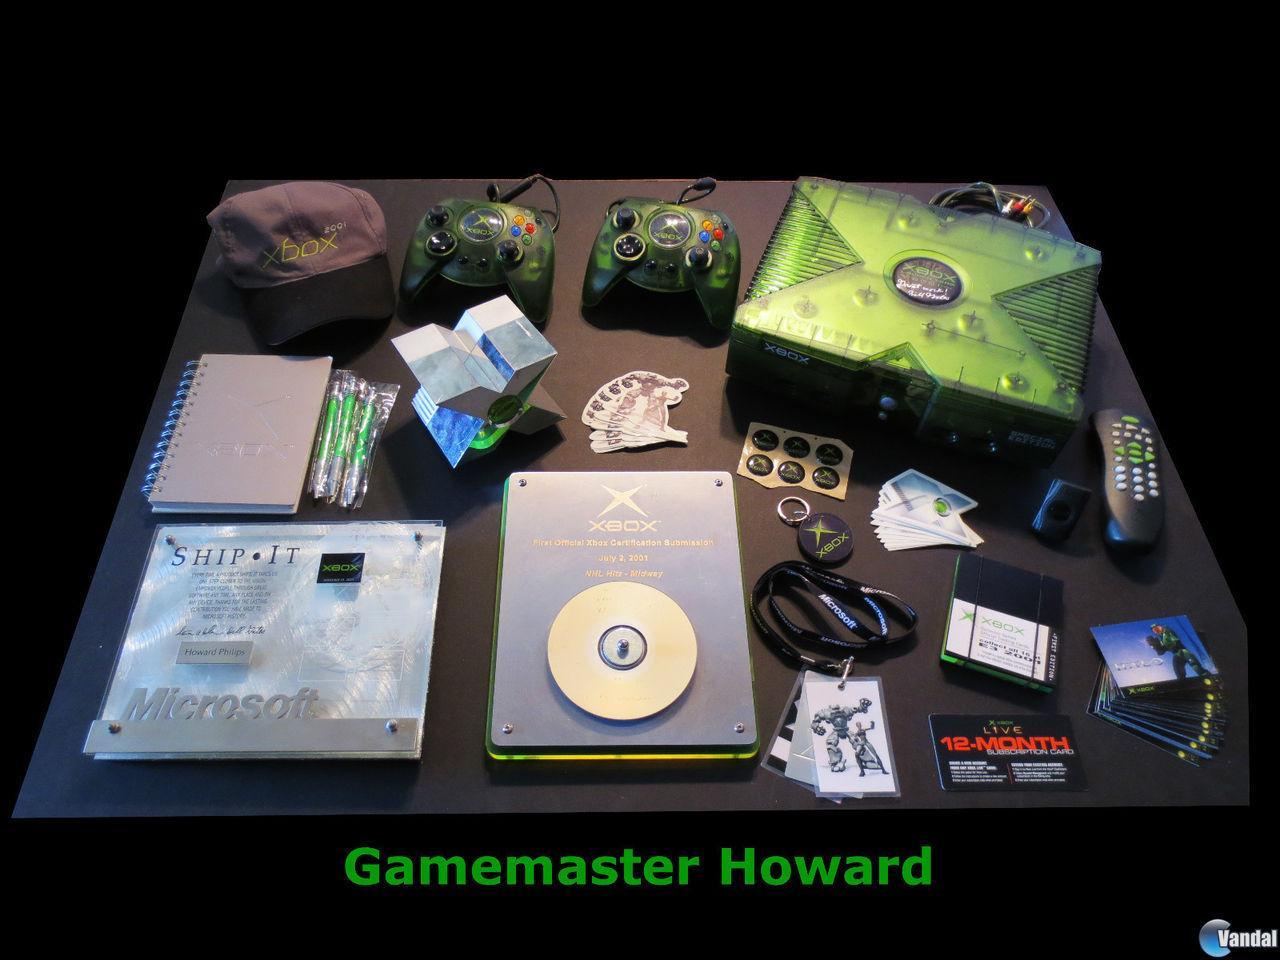 Una Xbox exclusiva del equipo de lanzamiento de Microsoft, en eBay